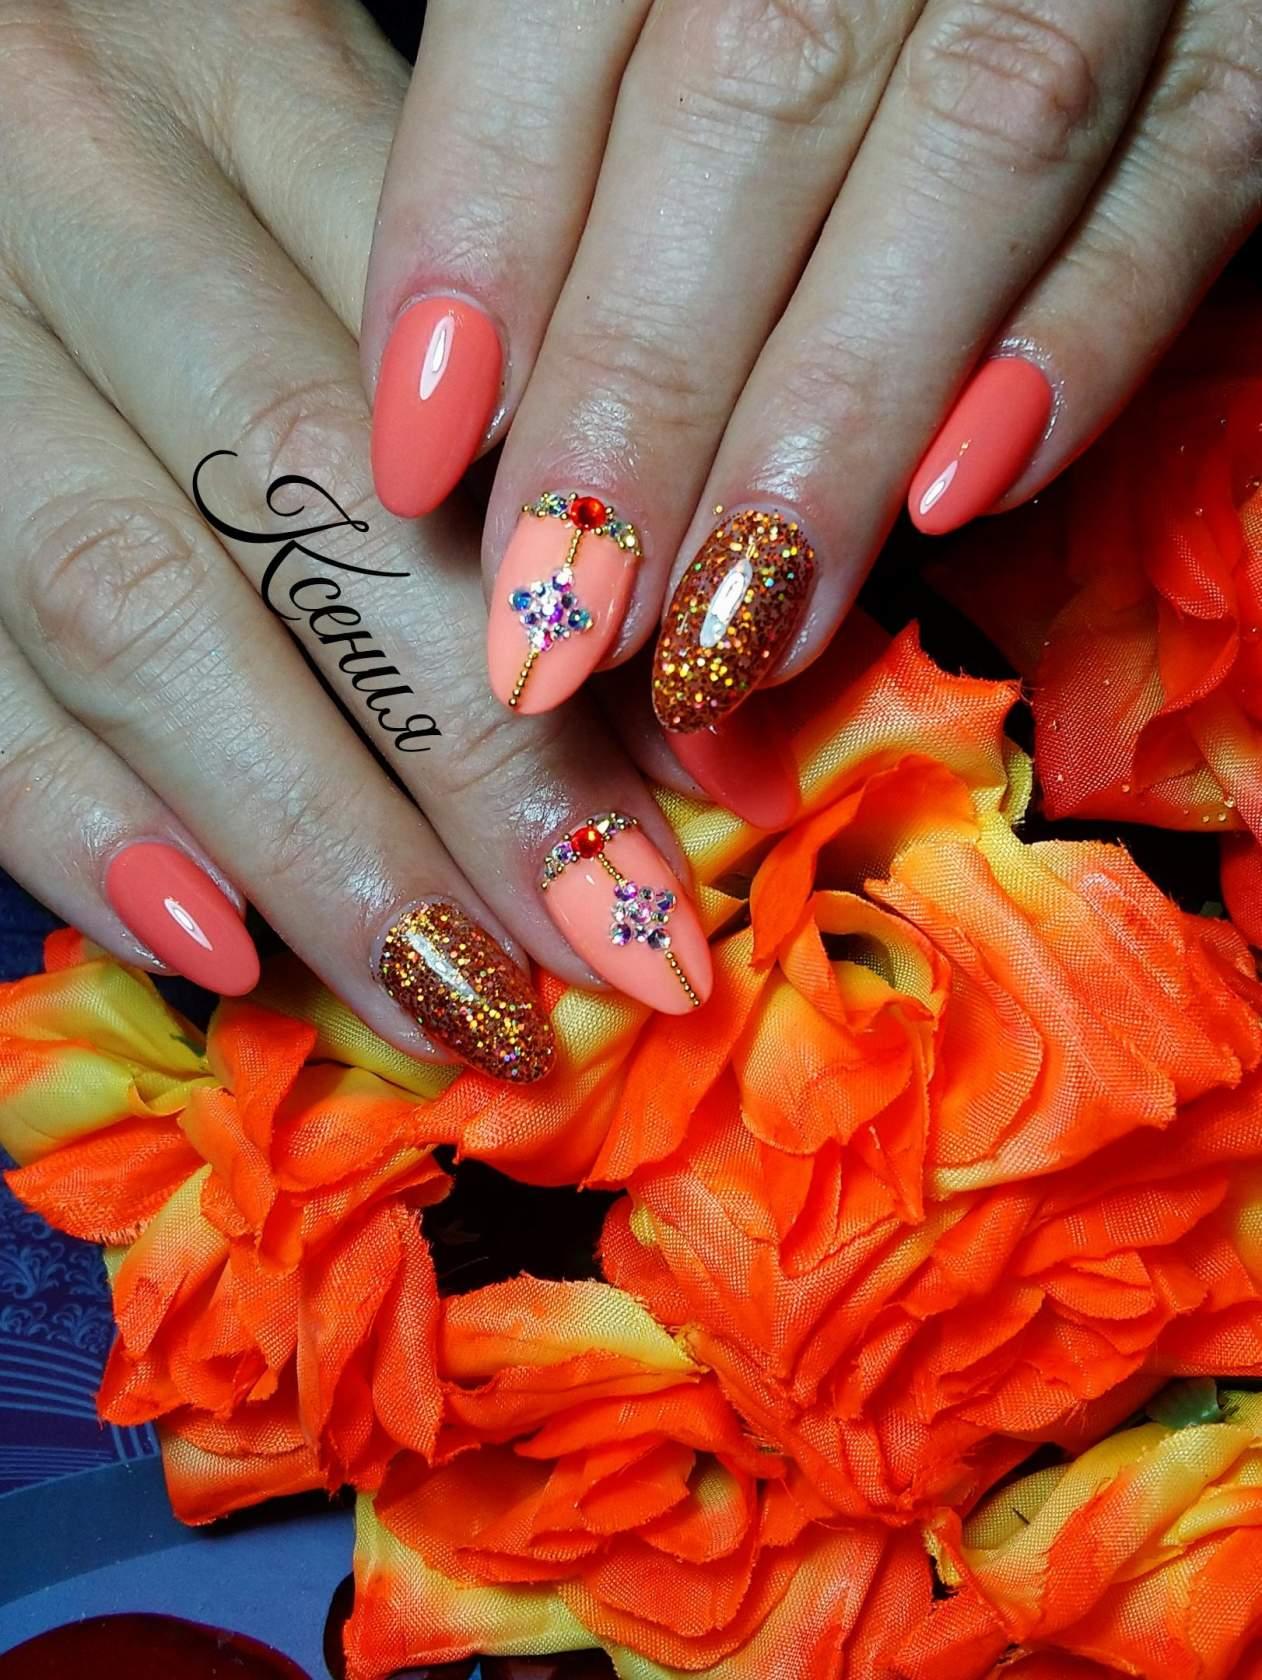 Маникюр в оранжевом цвете с персиковым дизайном, золотыми блёстками и стразами.